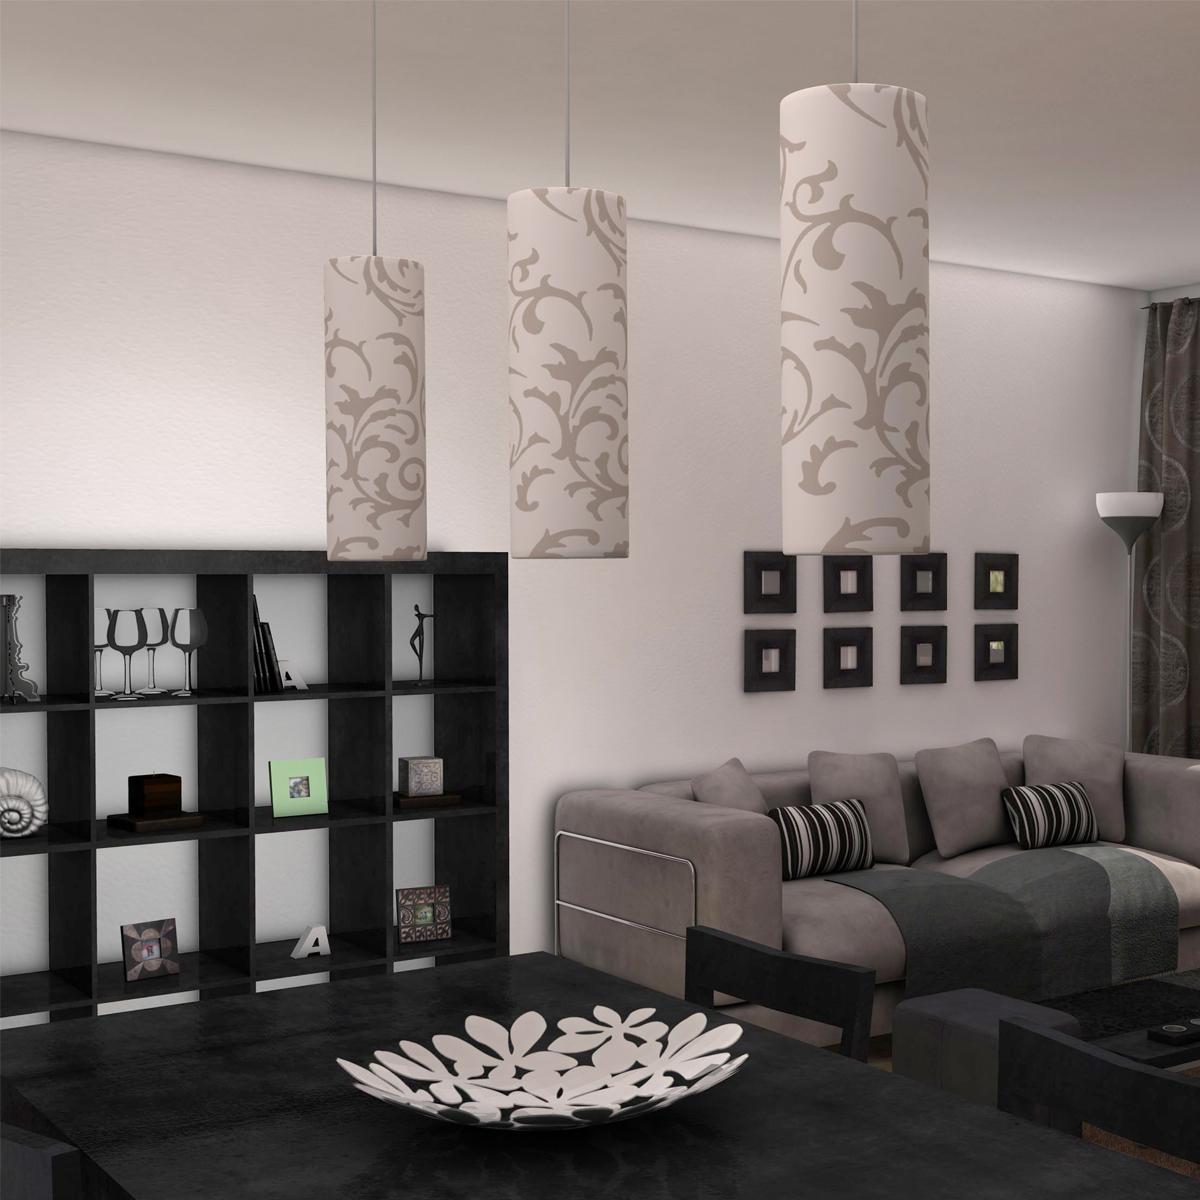 dzīvojamā istaba 3d modelis 3ds max fbx c4d ma mb obj 159605